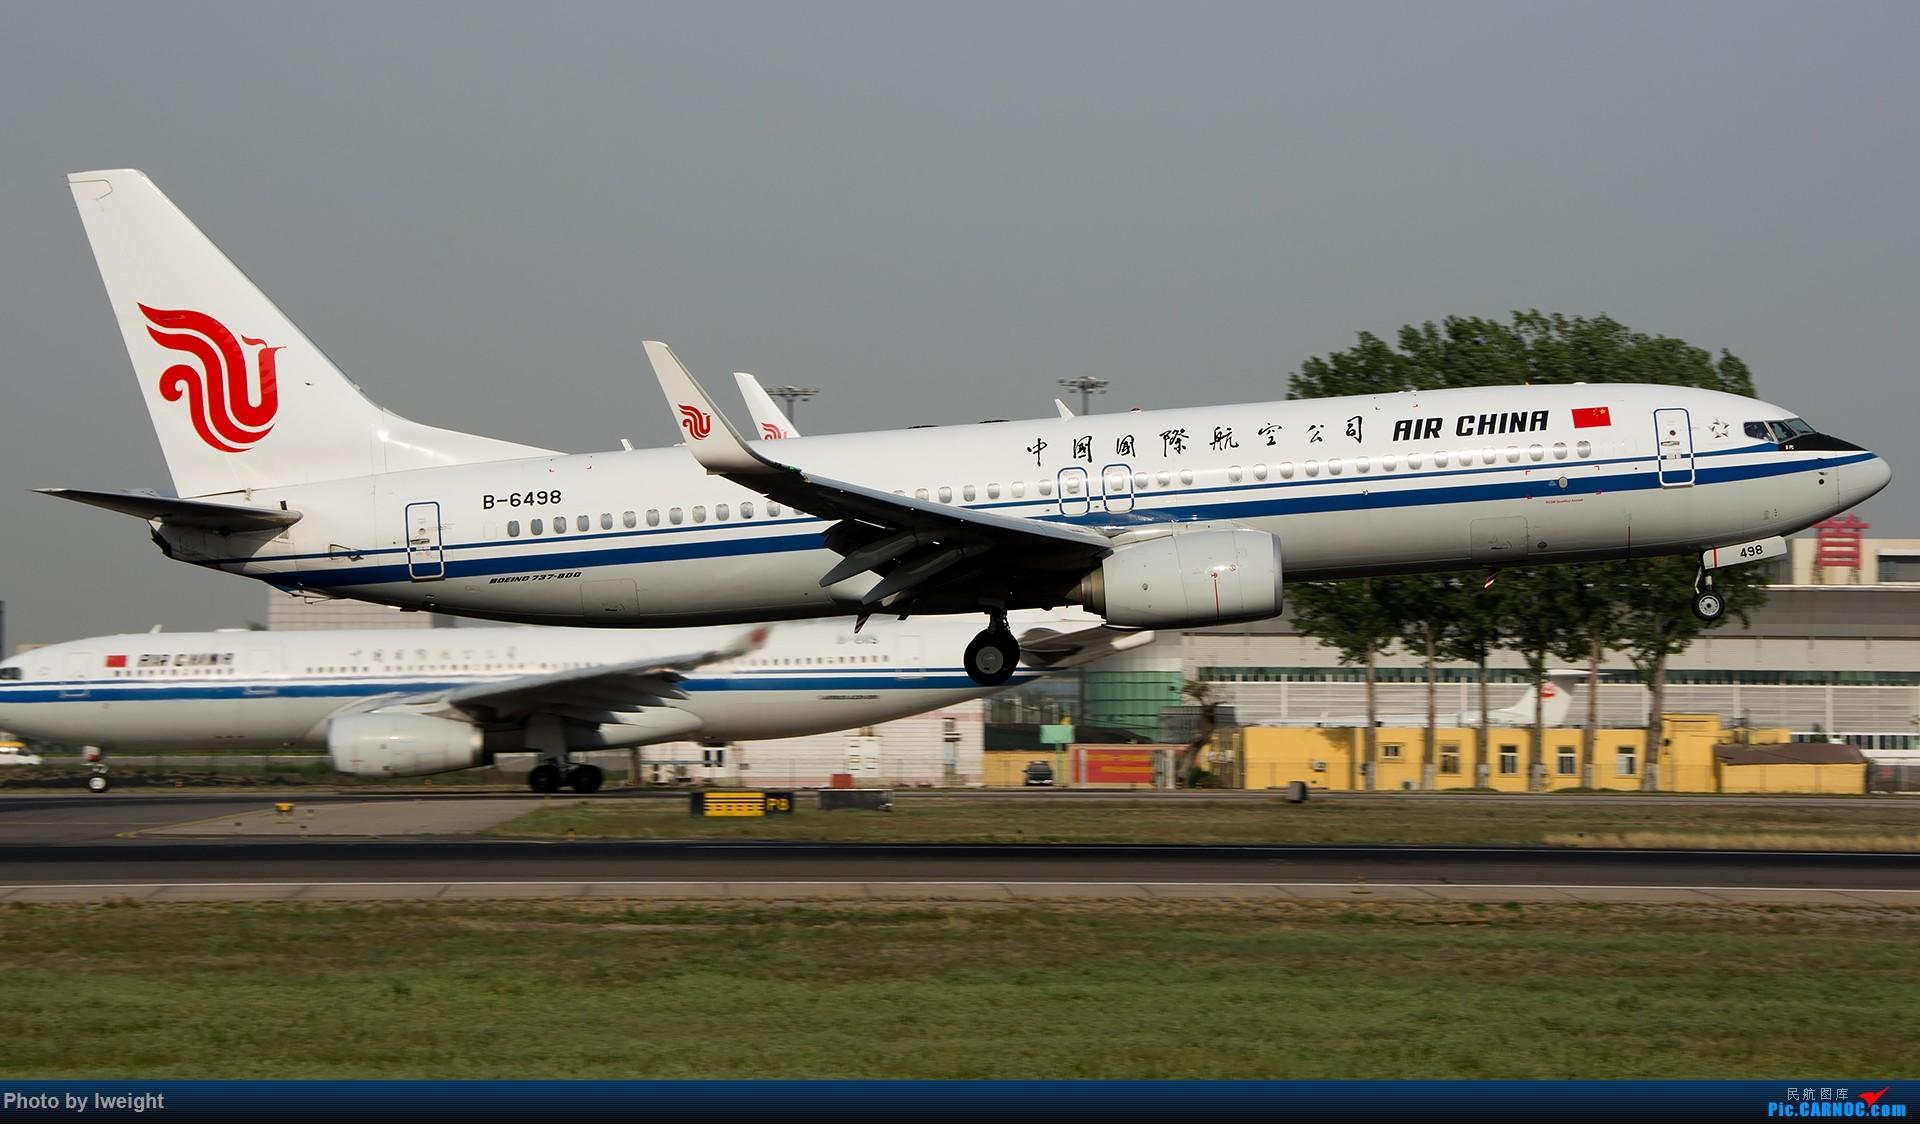 Re:[原创]天气晴朗,继续守候18R【多图】 BOEING 737-800 B-6498 中国北京首都国际机场